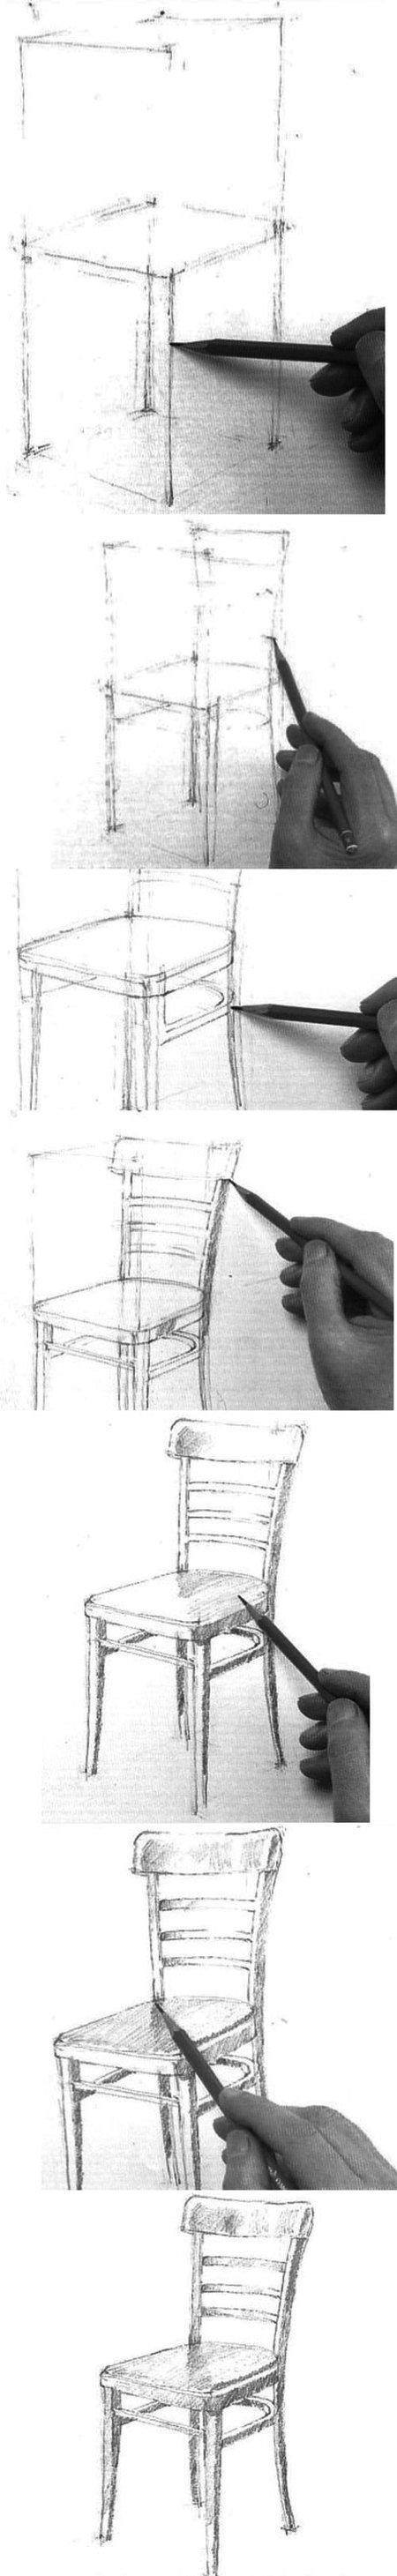 Stuhl Zeichnung